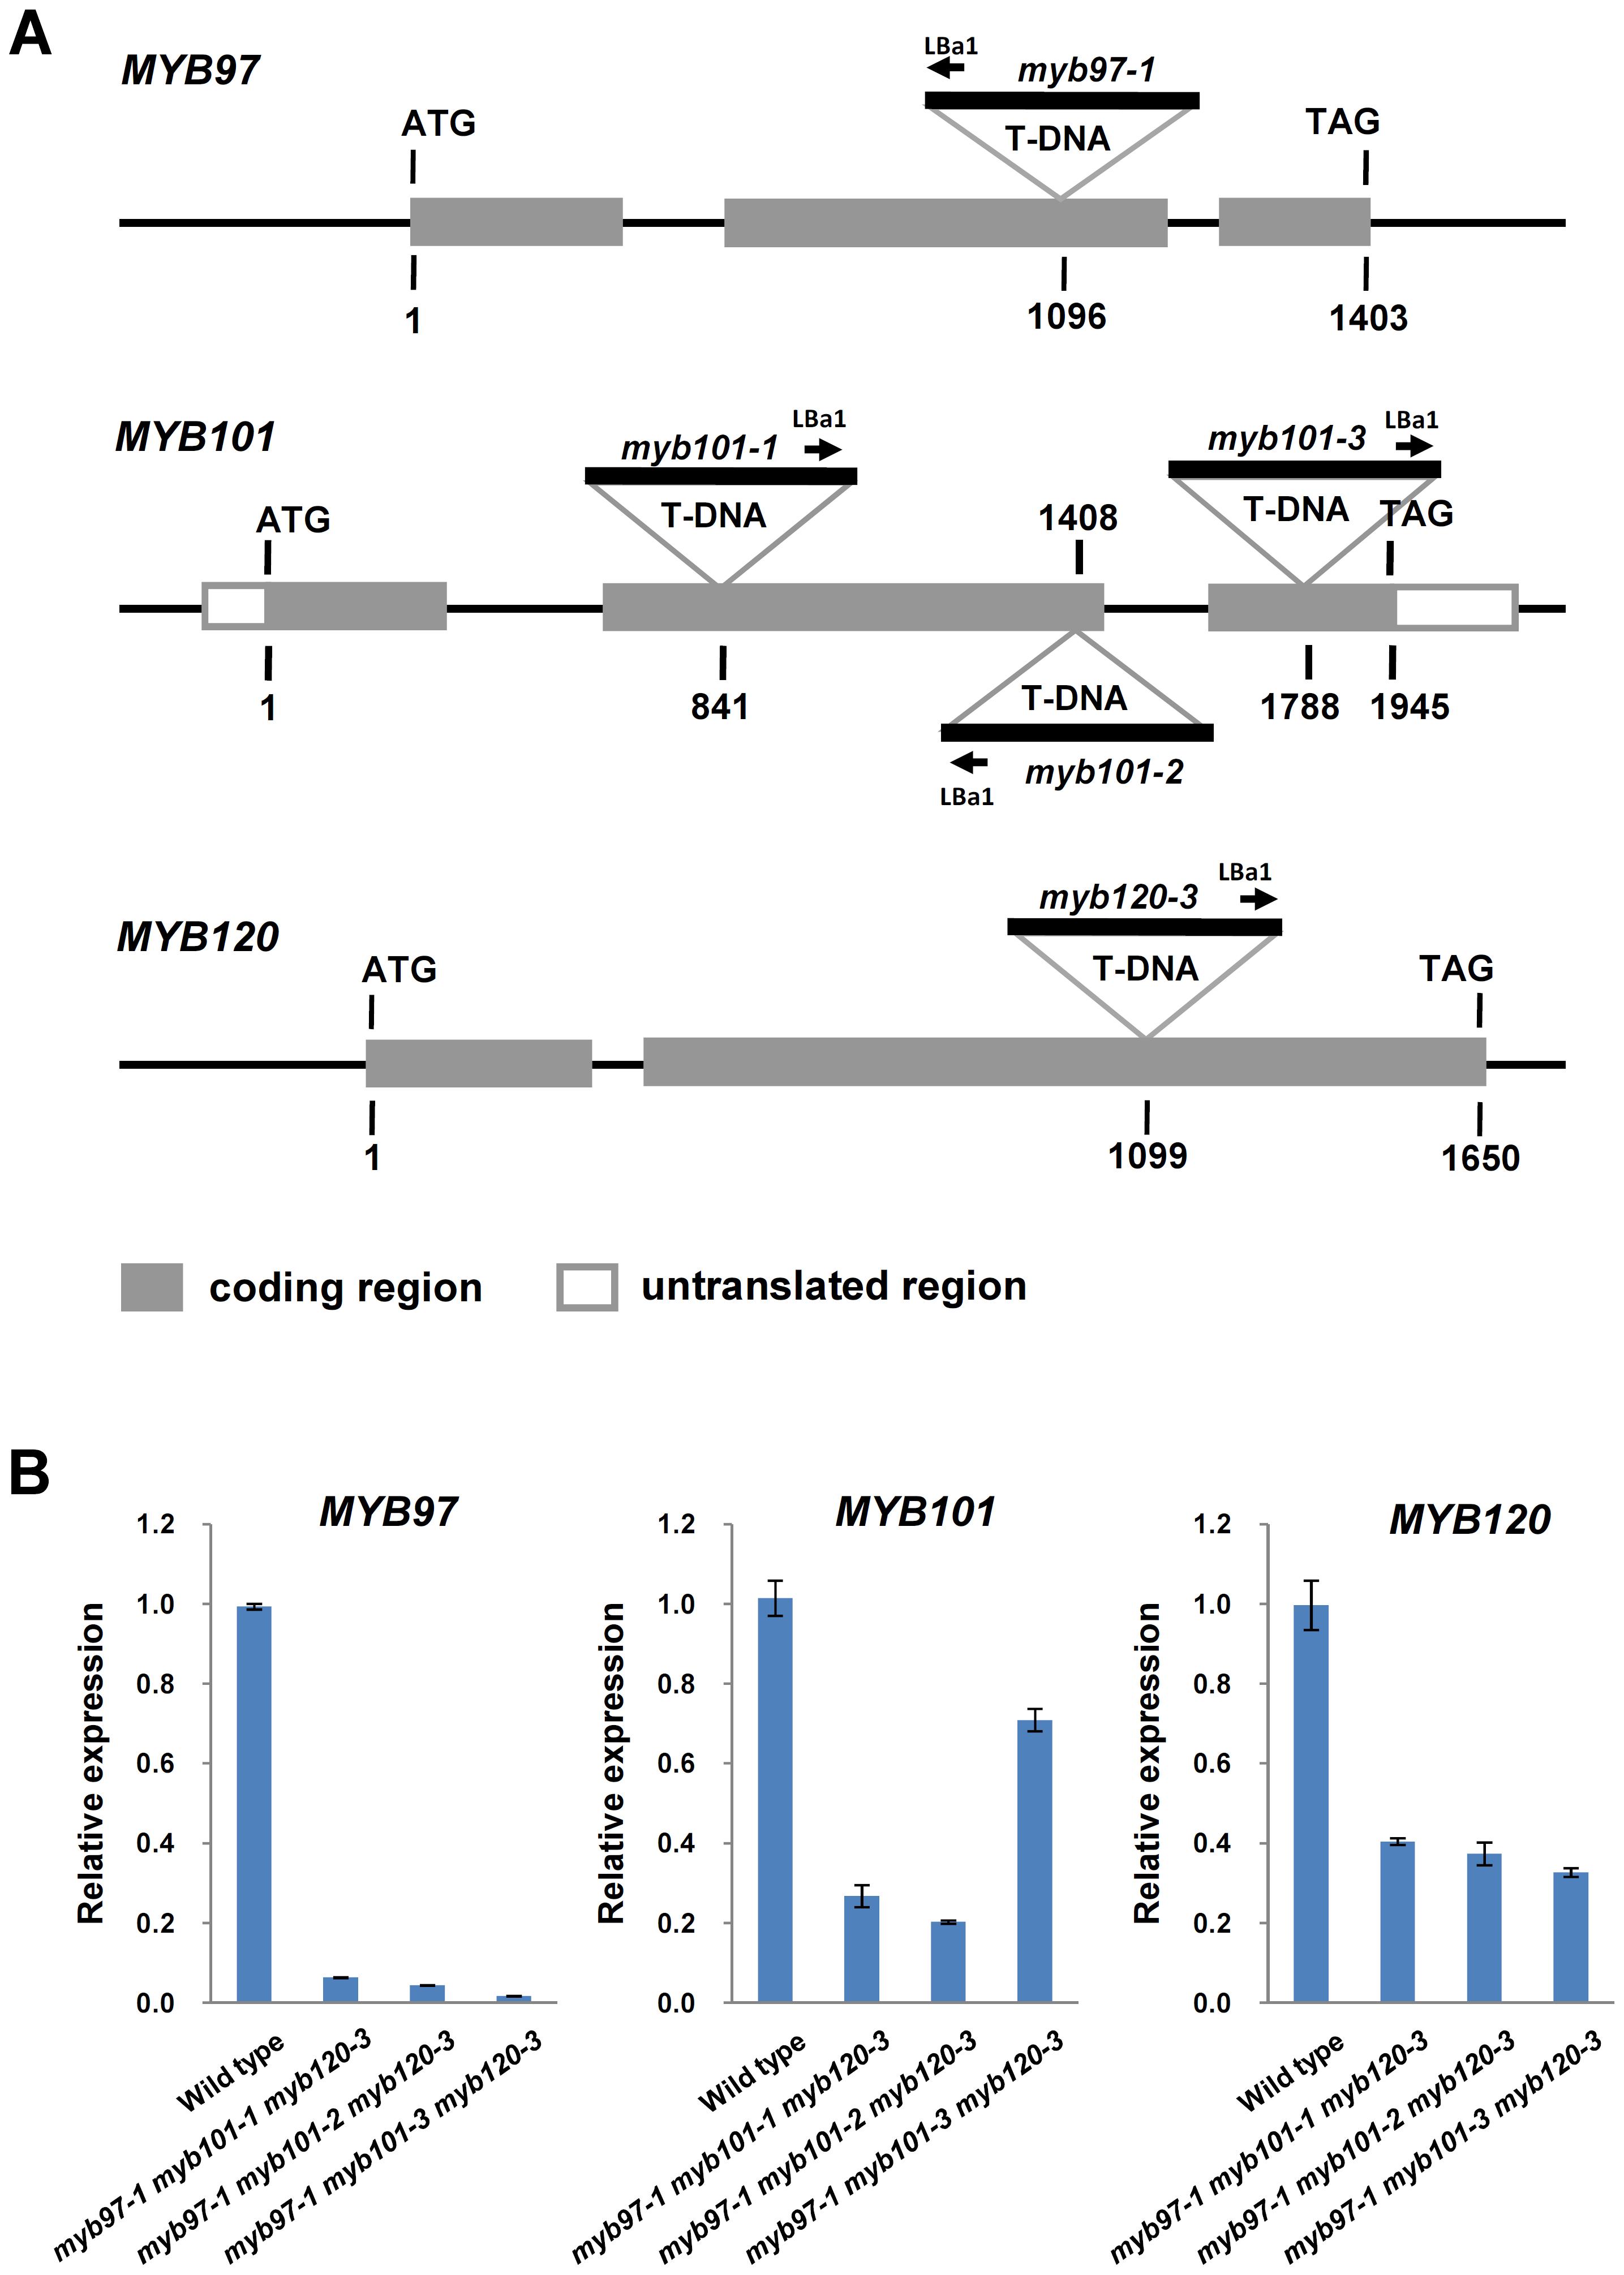 Molecular characterization of <i>myb97</i>, <i>myb101</i> and <i>myb120</i> mutants.